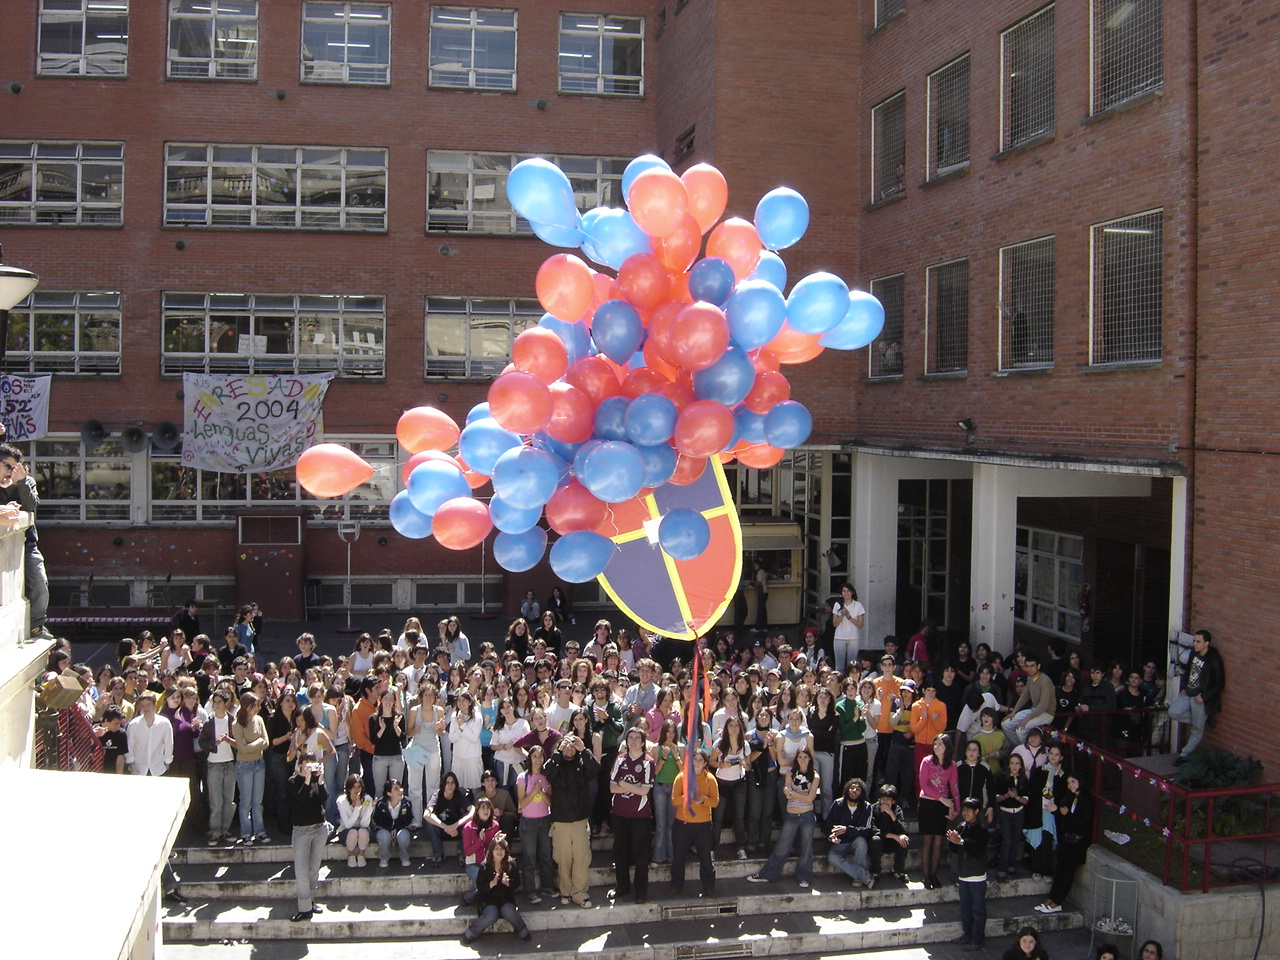 Edificio nuevo con globos